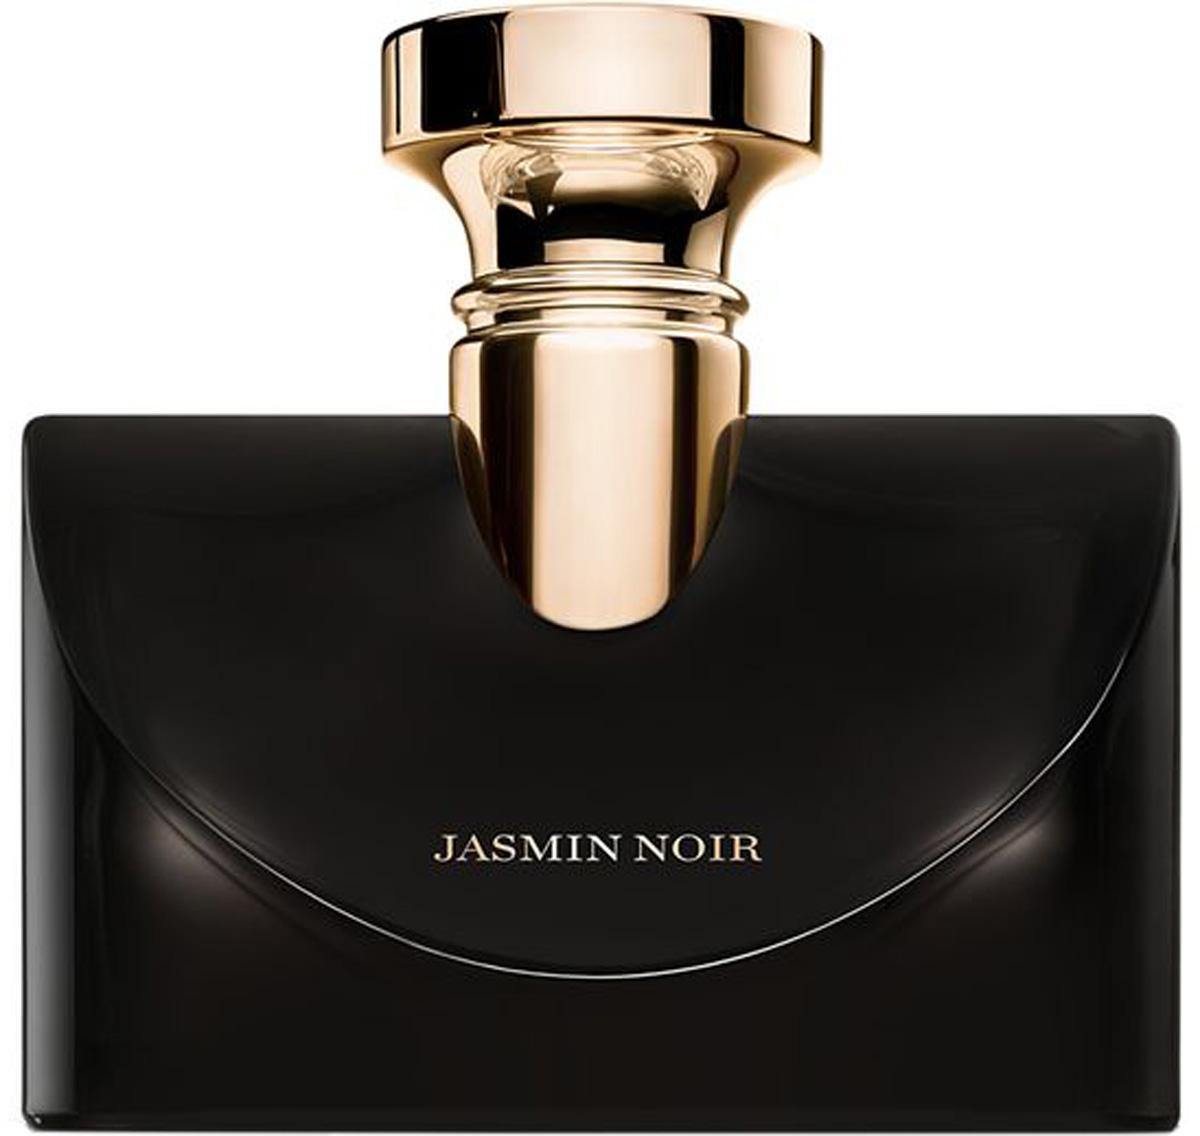 Bvlgari Splendida Jasmin Noir Парфюмерная вода женская, 30 мл парфюмированная вода спрей для женщин bvlgari jasmin noir 50 мл